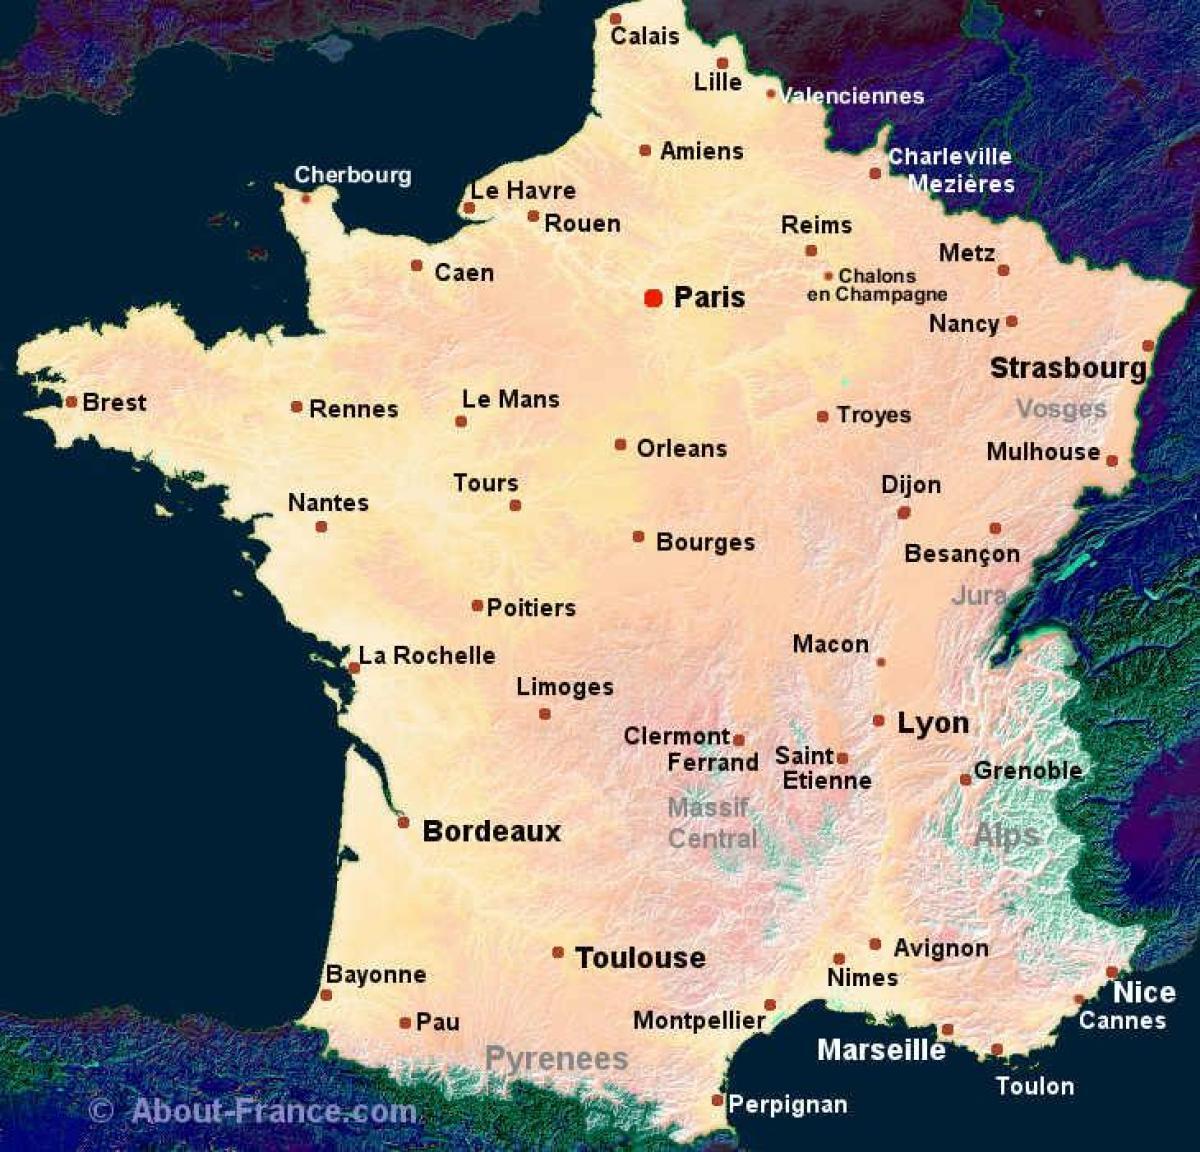 kart kjøp Kjøp kart over Frankrike   Kart over Frankrike for å kjøpe (Vest  kart kjøp